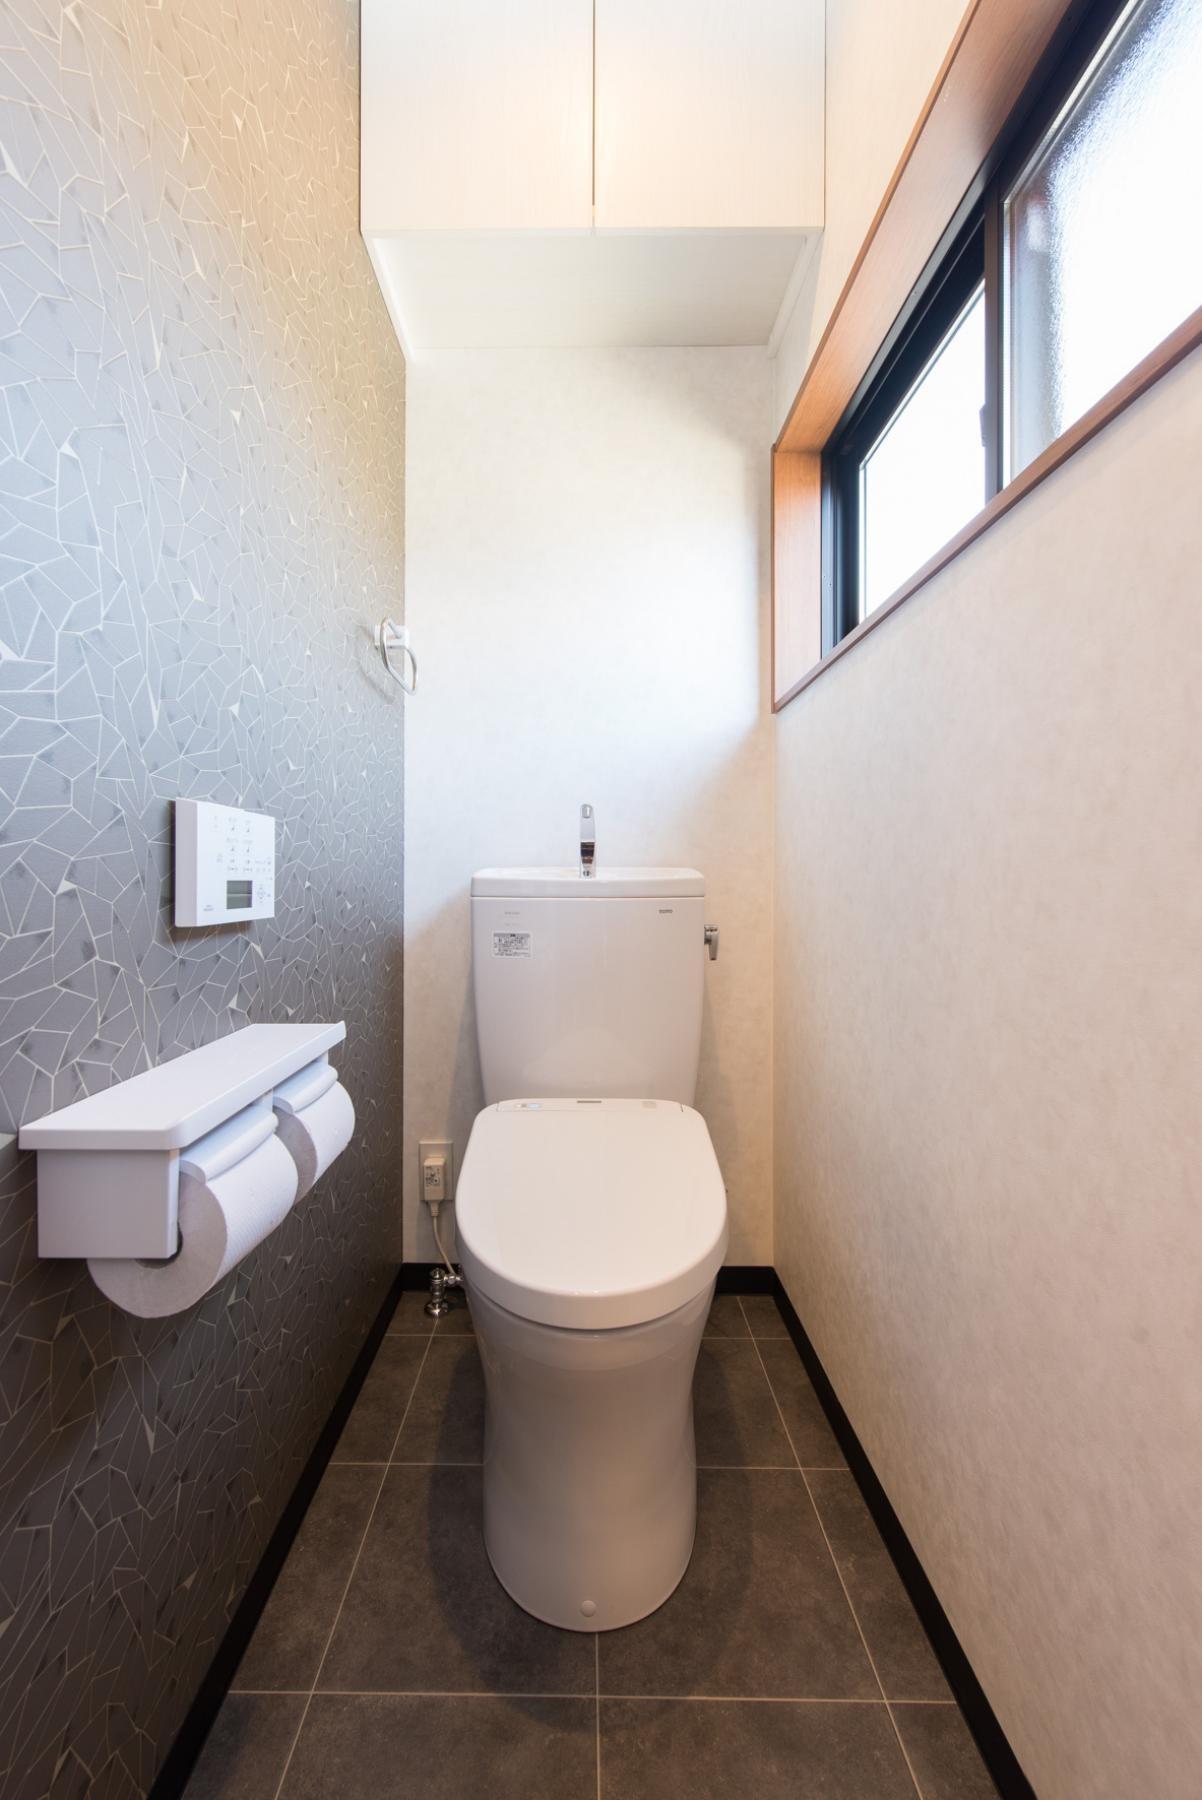 バス/トイレ事例:トイレ(北欧風ナチュラルインテリアに!戸建て全面改装)